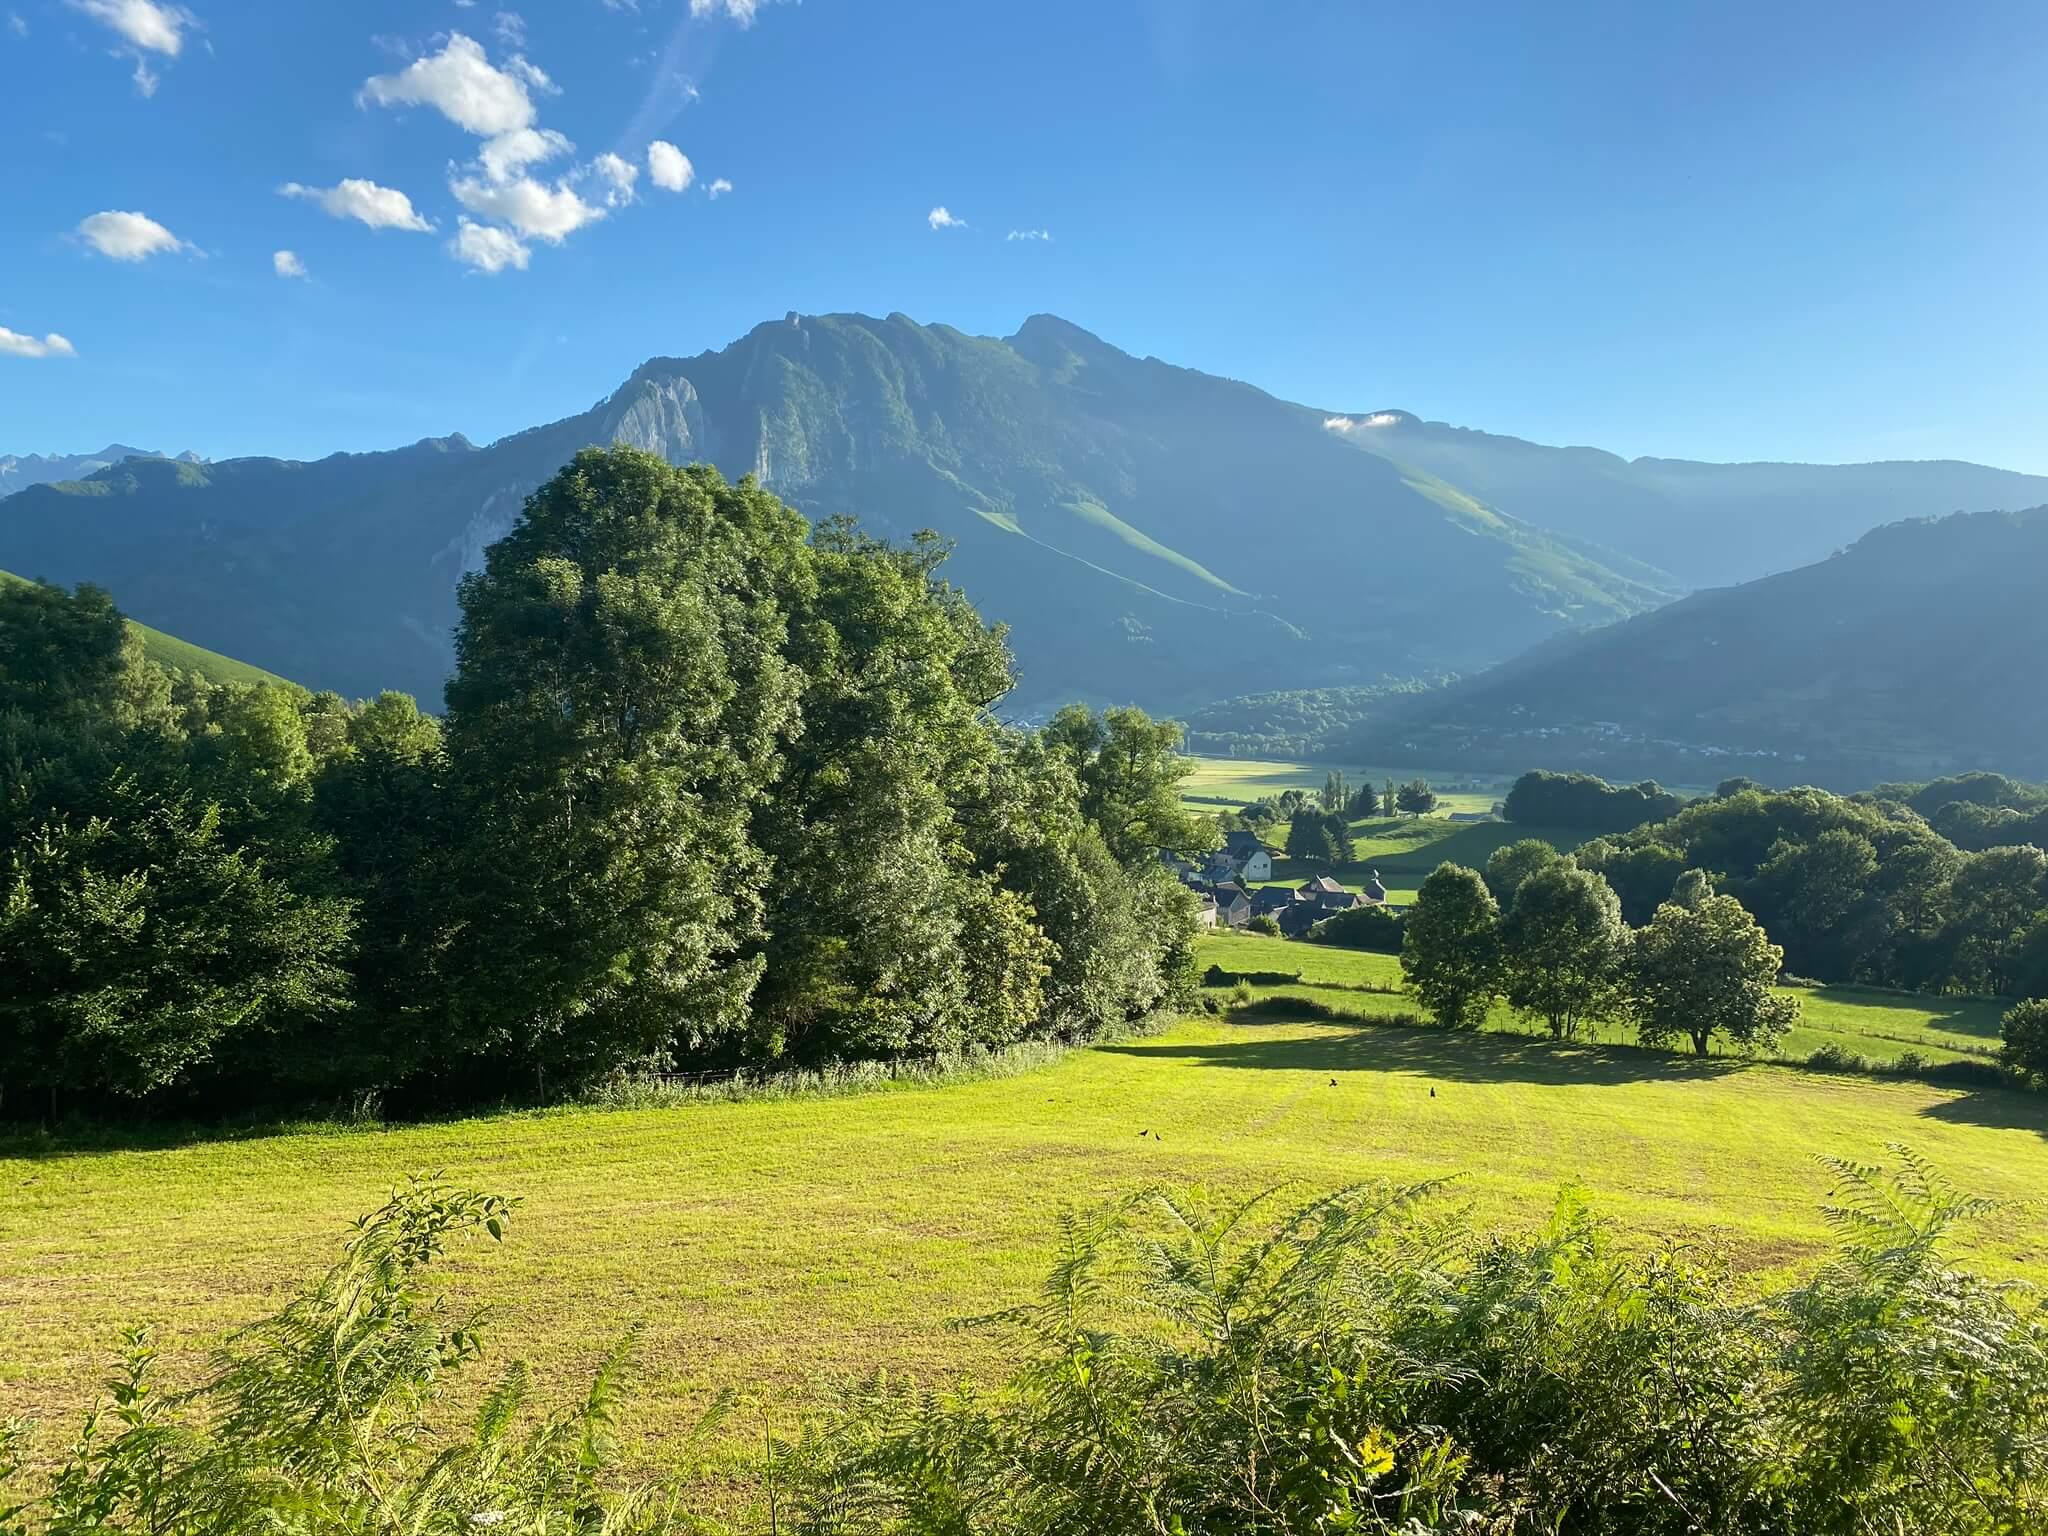 La plaine des 5 villages (Bedous, Accous, Lées, Athas et Osse-en-Aspe) est entourée de belles montagnes